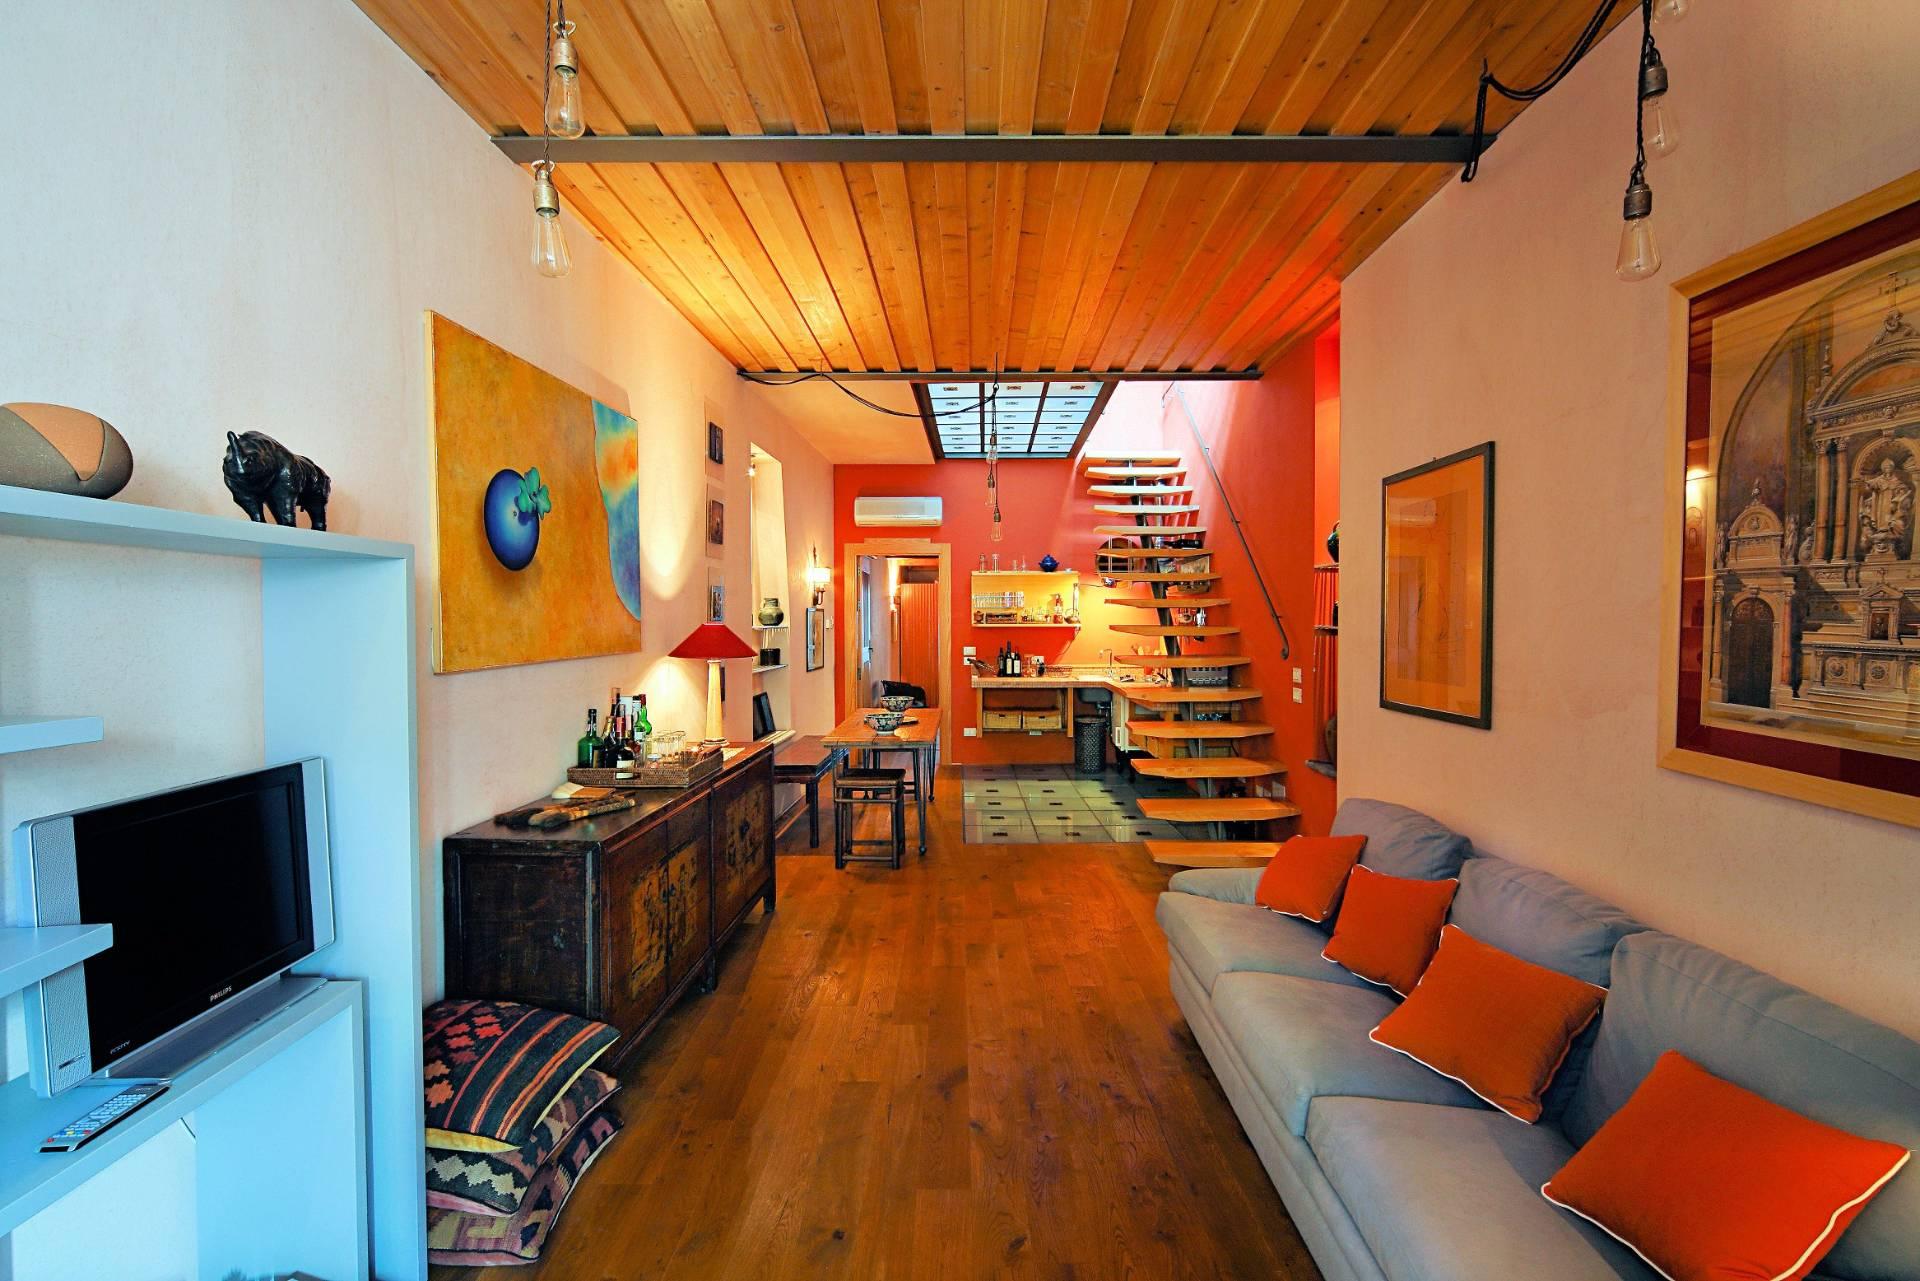 Rustico / Casale in vendita a Pietrasanta, 8 locali, zona Località: CentroStorico, Trattative riservate | Cambio Casa.it